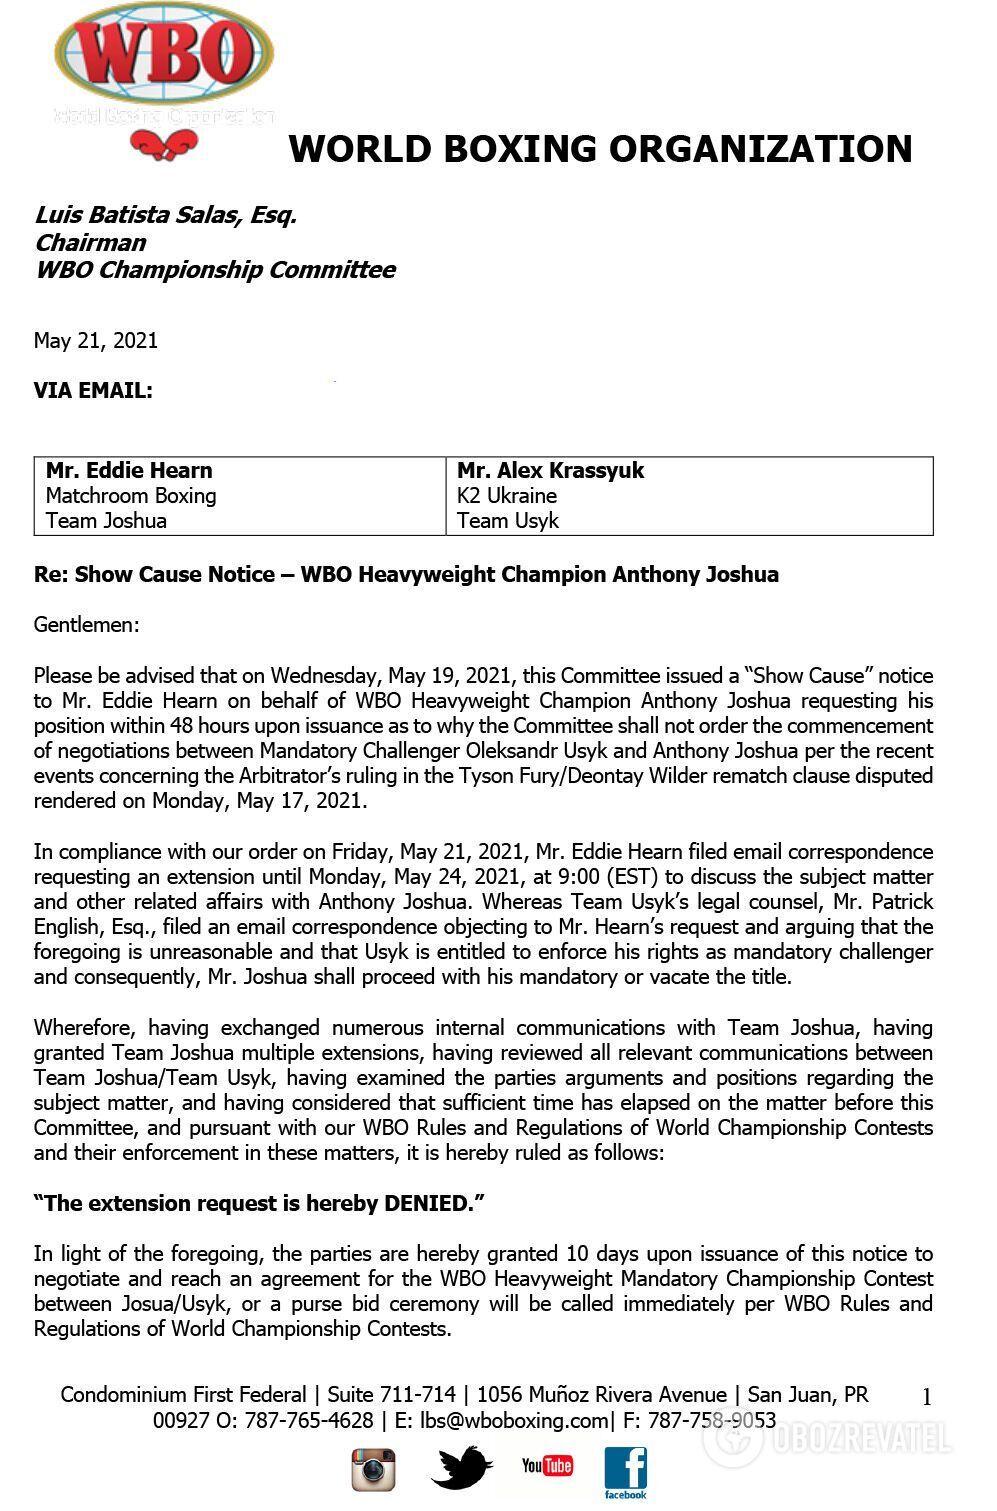 Письмо от WBO